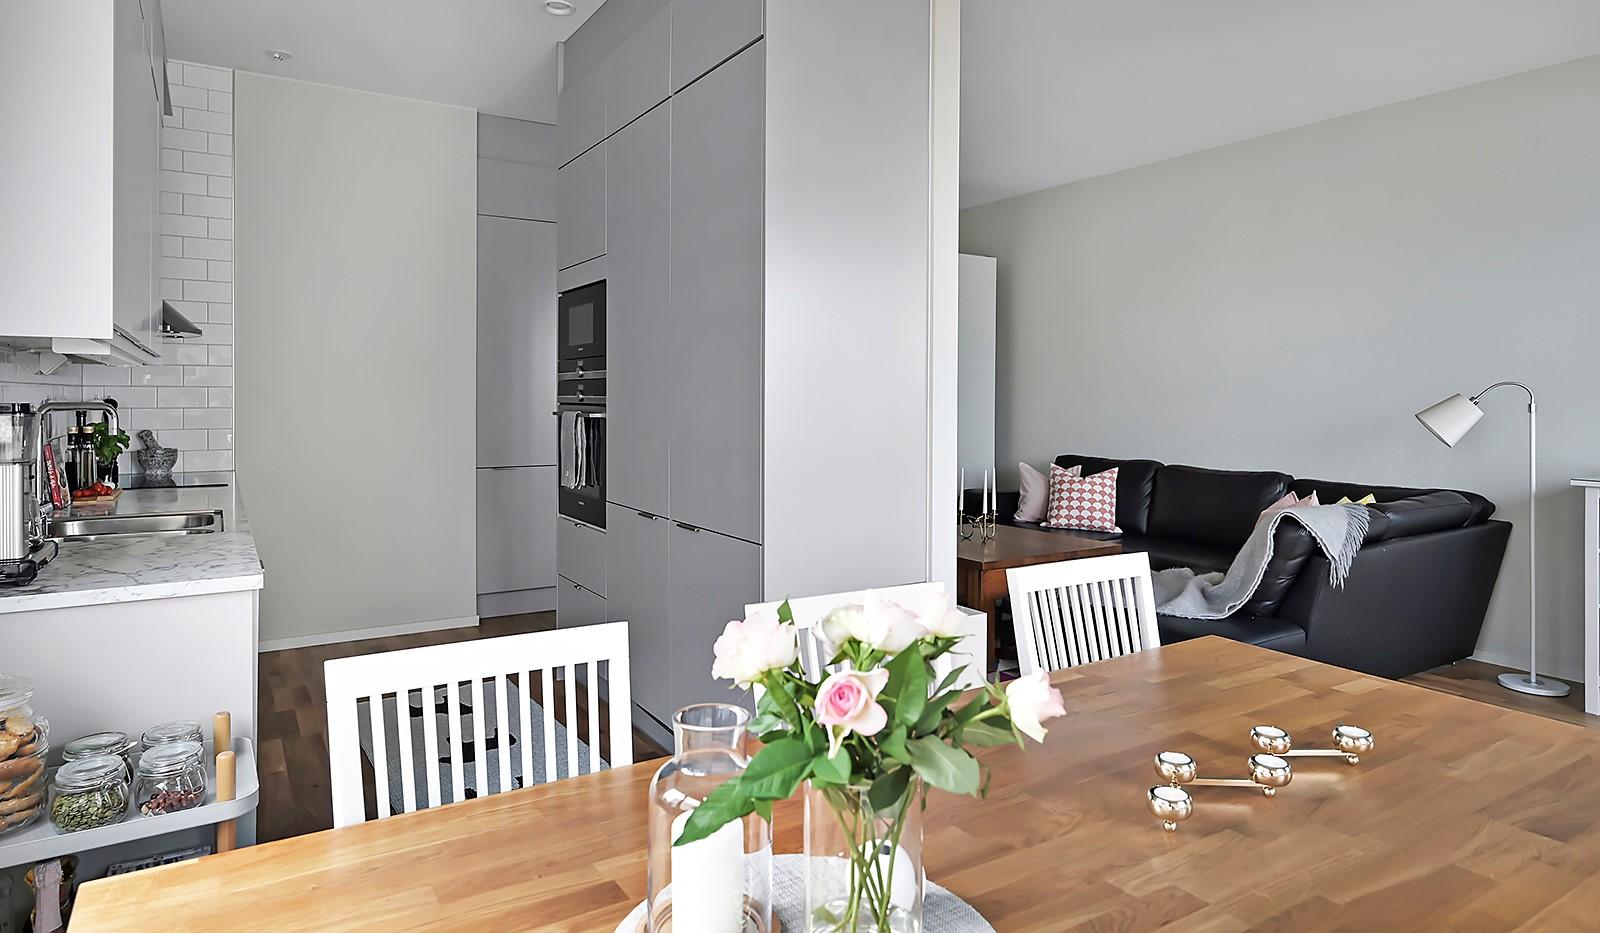 Sjöviksvägen 128, 7 tr. - Matplatsen är smart placerad där kök och vardagsrum möts